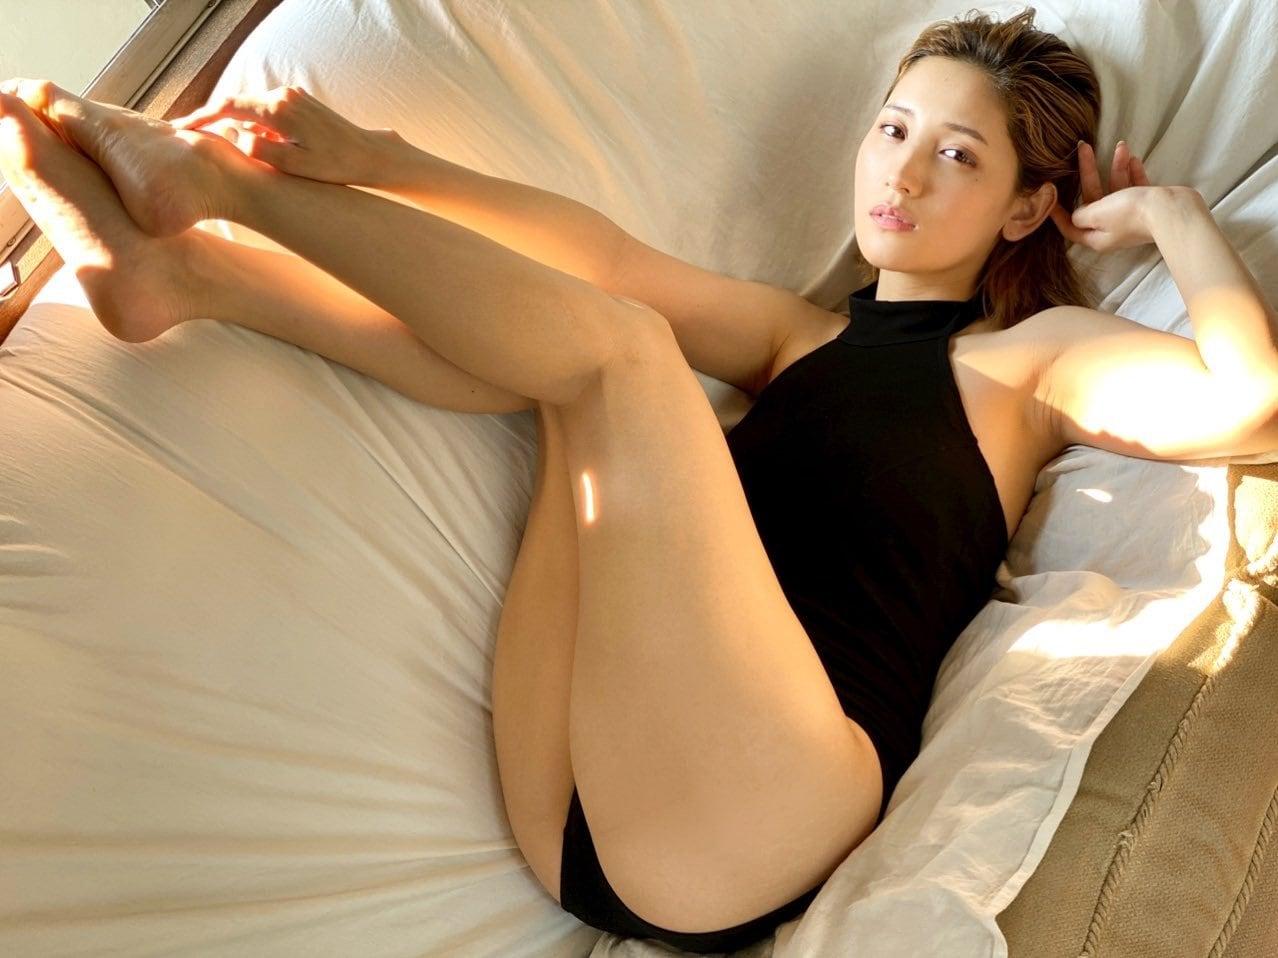 小島みゆ「スラリと伸びる妖艶美脚」久々のグラビアにファンが歓喜【画像2枚】の画像001